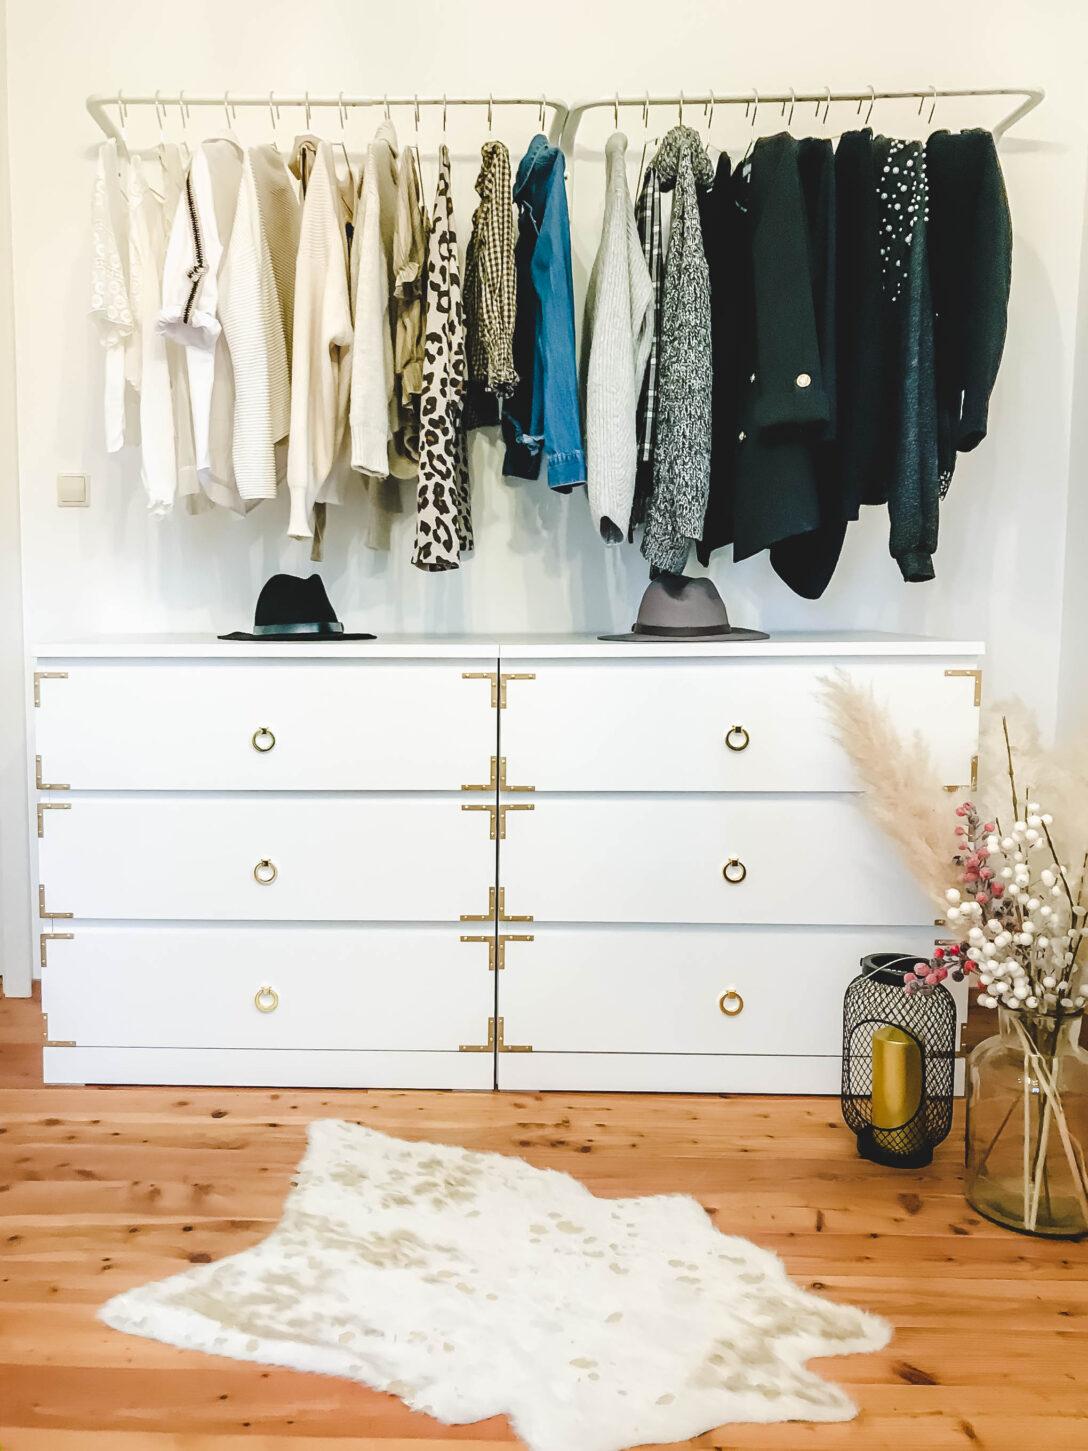 Large Size of Ikea Hack Aus Malm Kommoden Einen Offenen Kleiderschrank Küche Kosten Kaufen Betten Bei 160x200 Sofa Mit Schlaffunktion Miniküche Modulküche Möbelgriffe Wohnzimmer Möbelgriffe Ikea